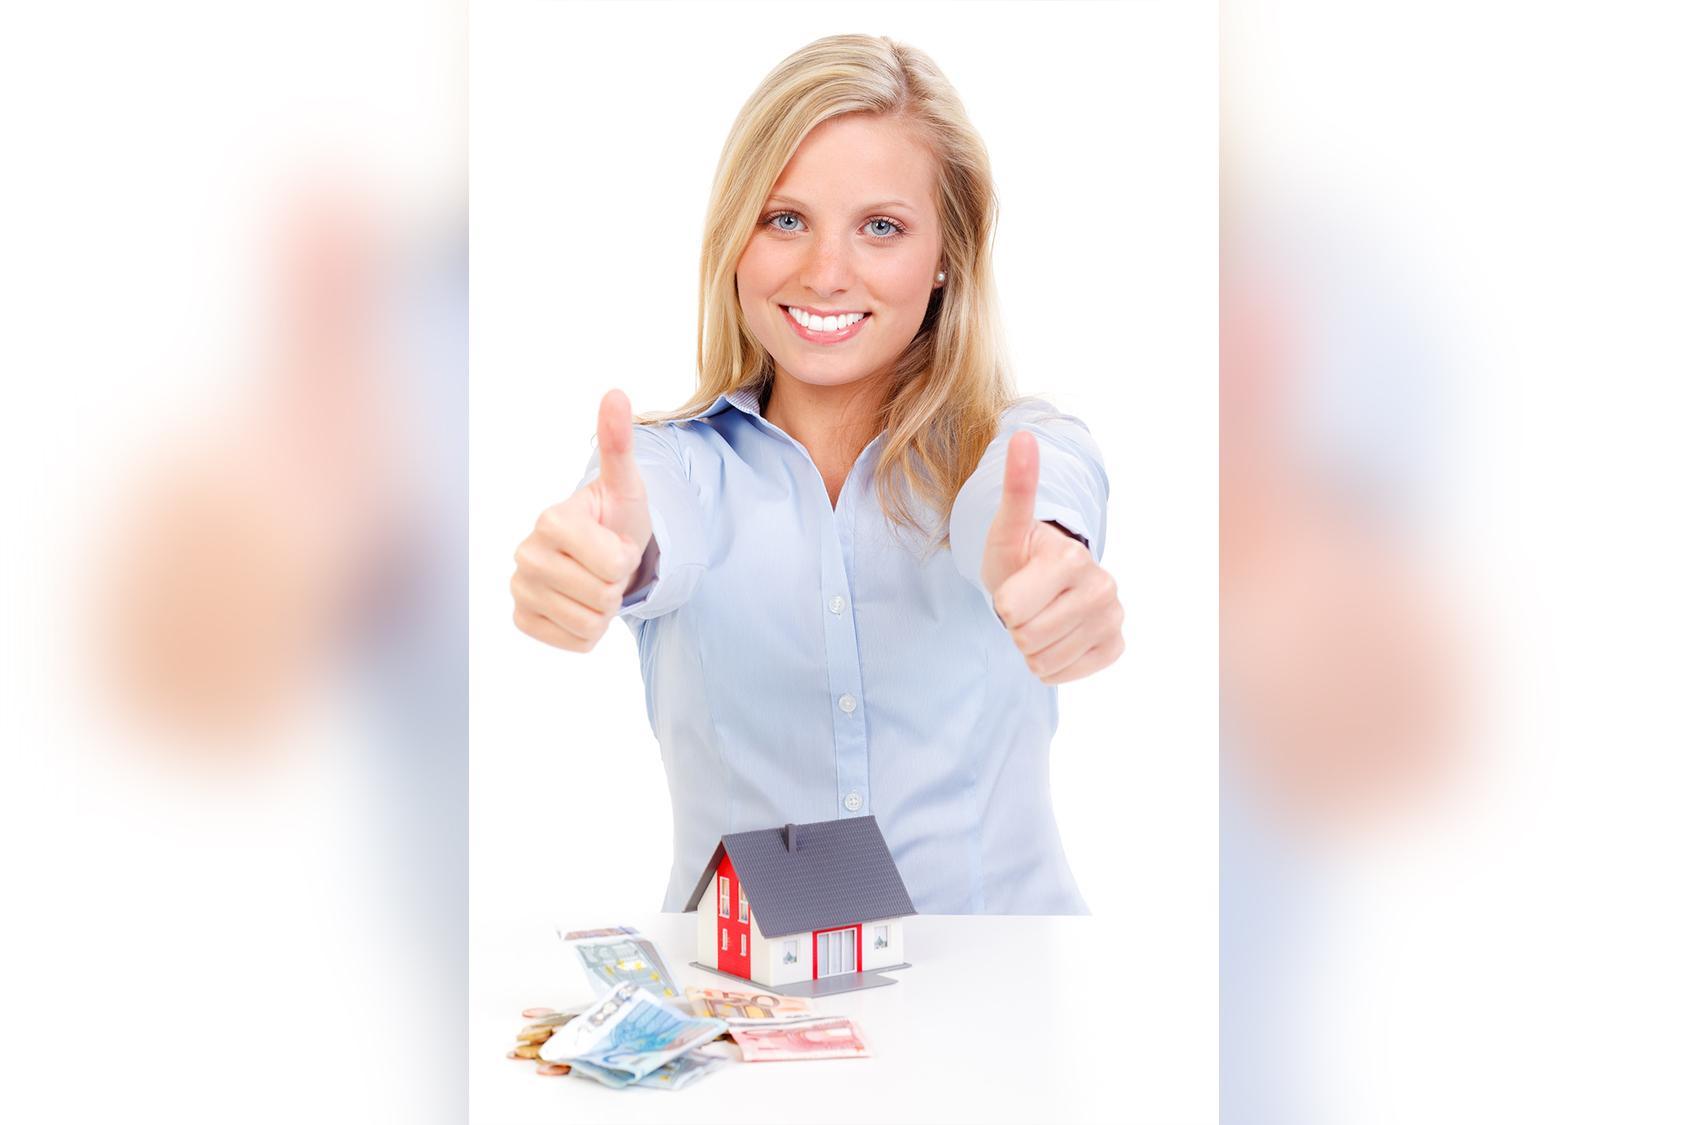 Zufriedene Frau durch Immobilienfinanzierung